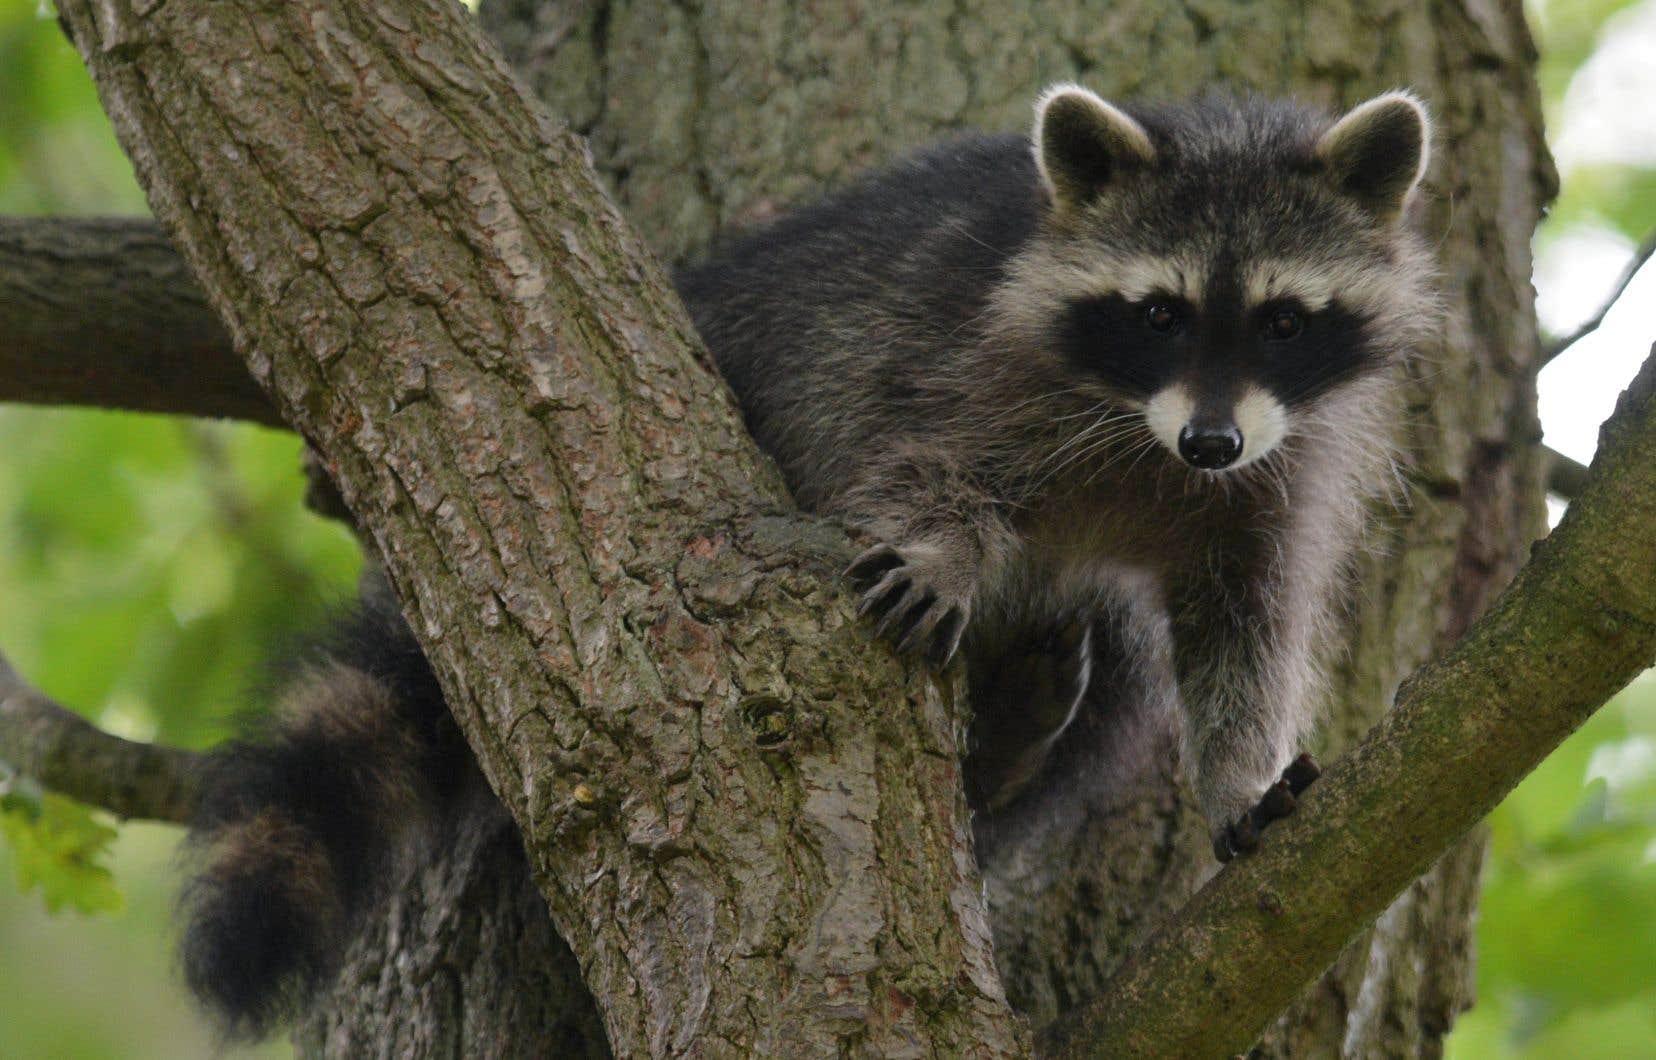 Les animaux deviennent immunisés contre la rage lorsqu'ils croquent dans l'appât et consomment le liquide vaccinal qu'il contient.